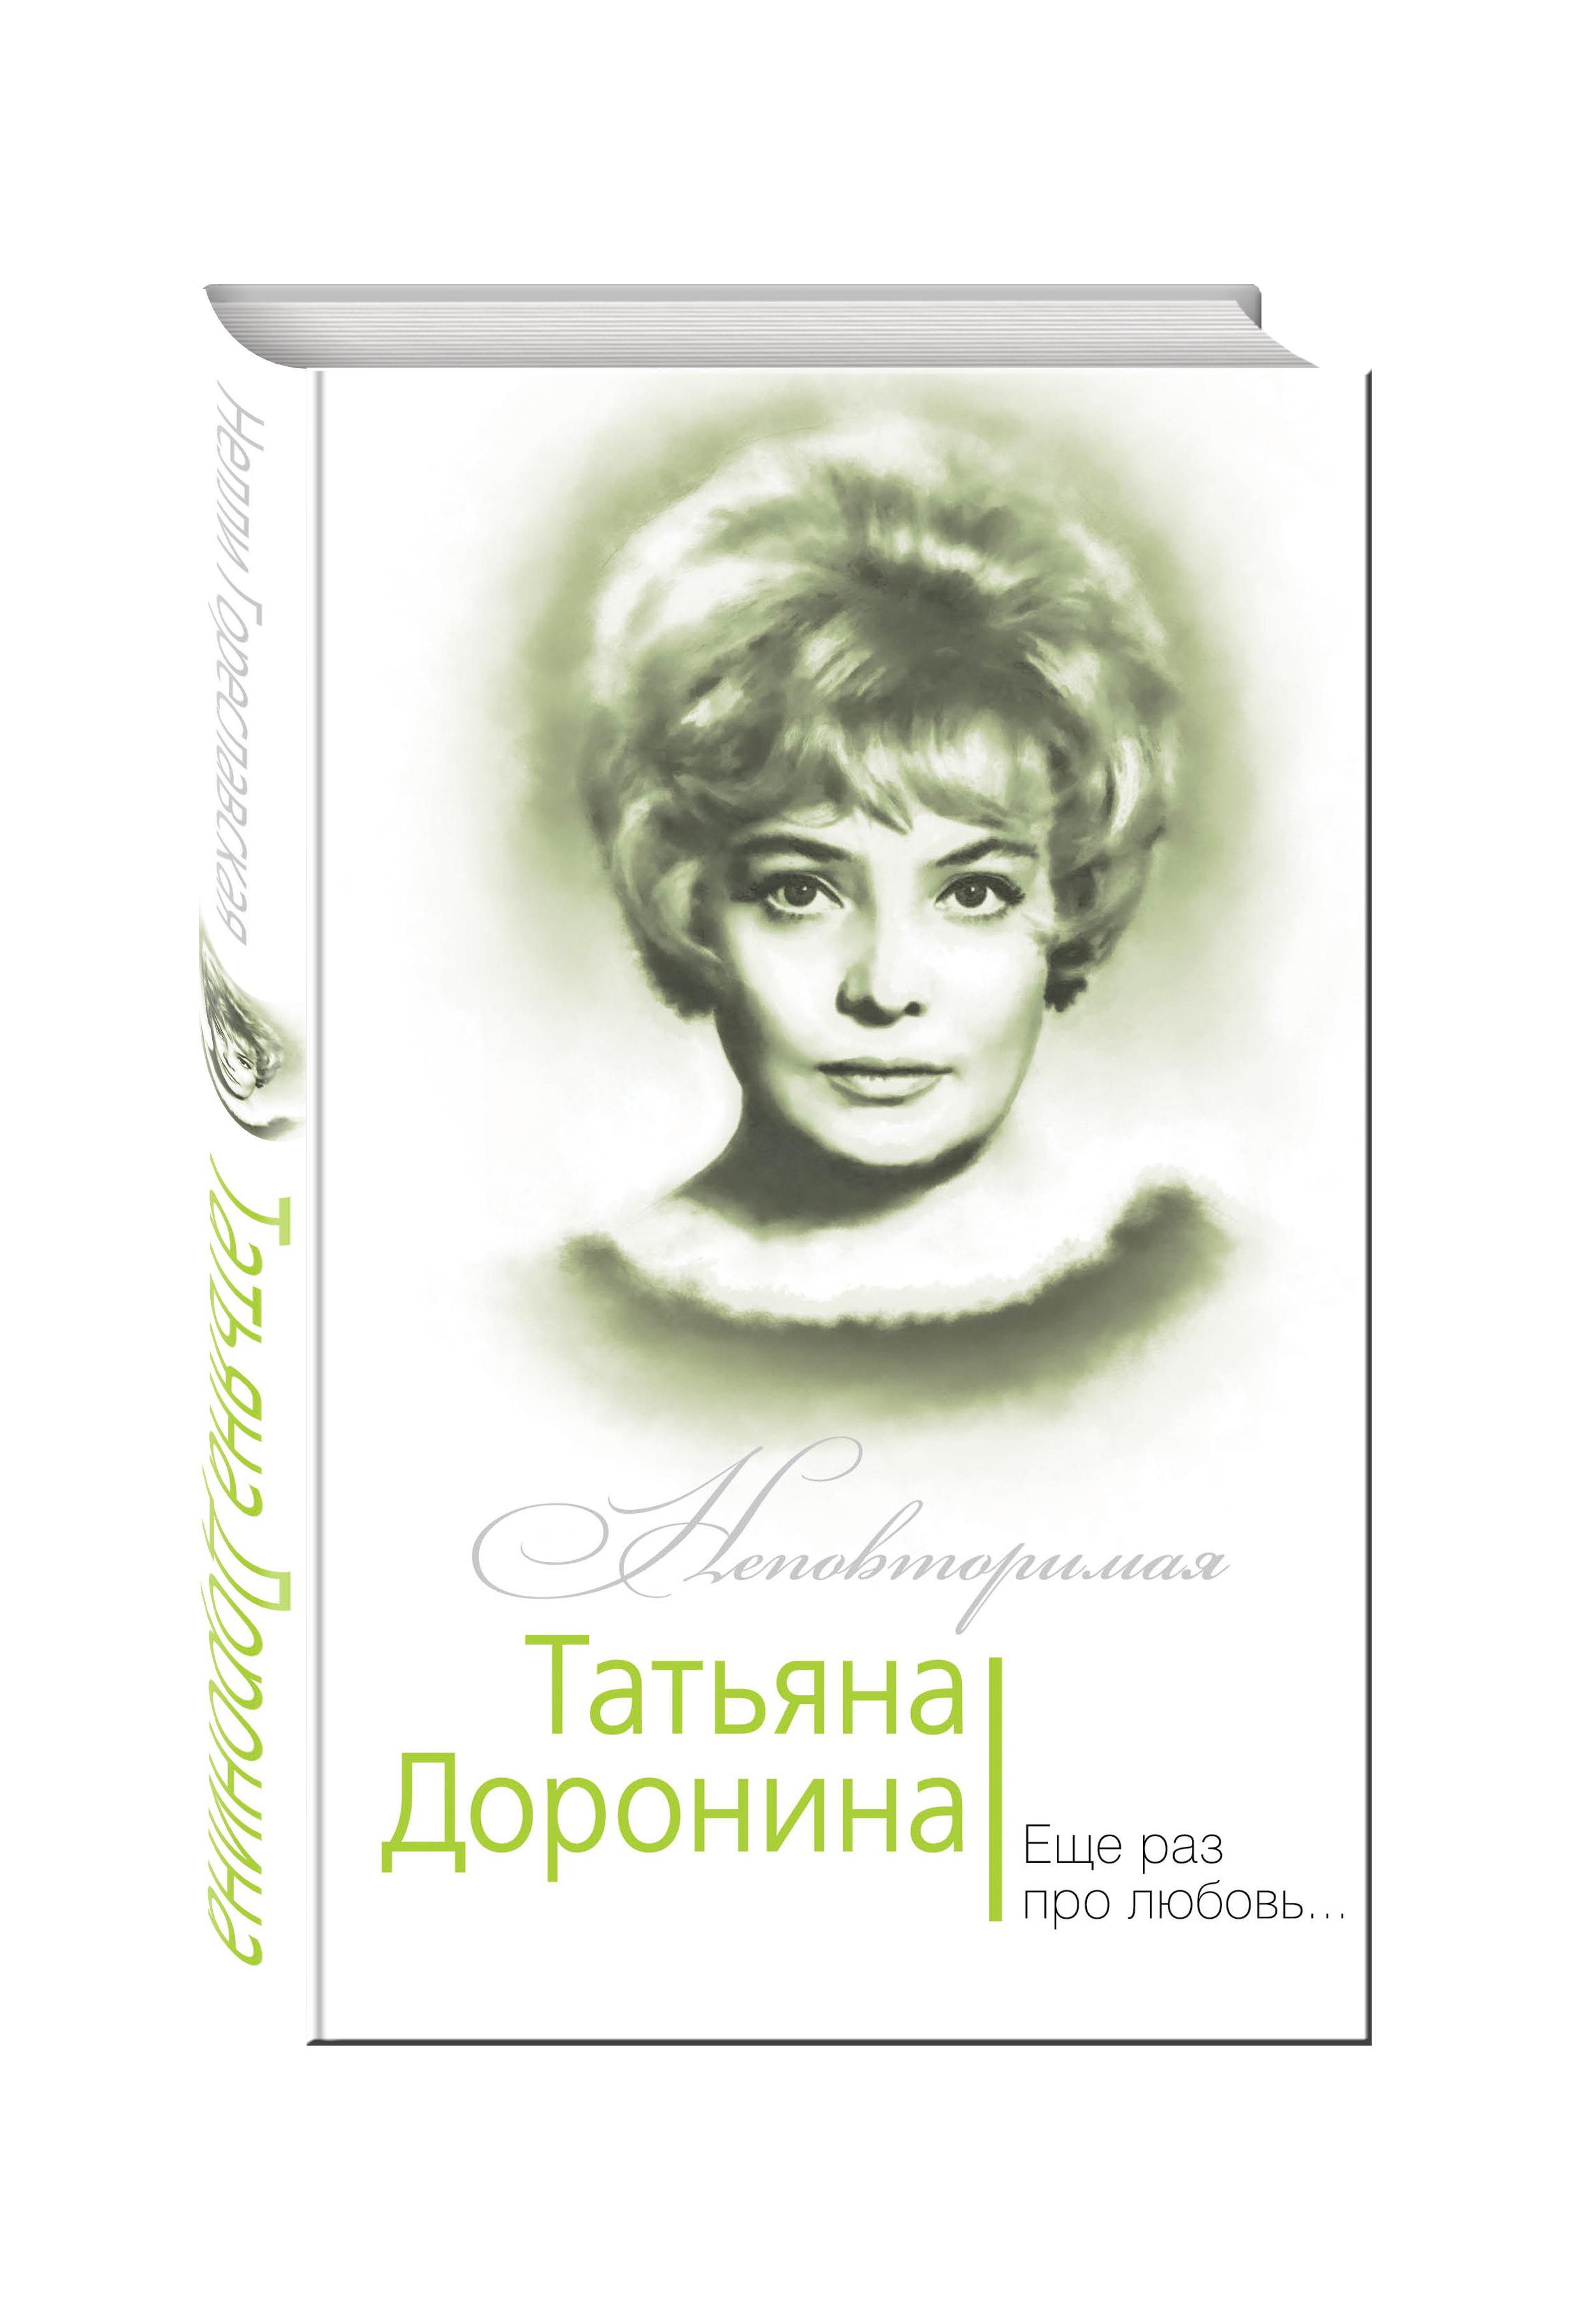 Нелли Гореславская Татьяна Доронина. Еще раз про любовь… нелли гореславская татьяна доронина еще раз про любовь…